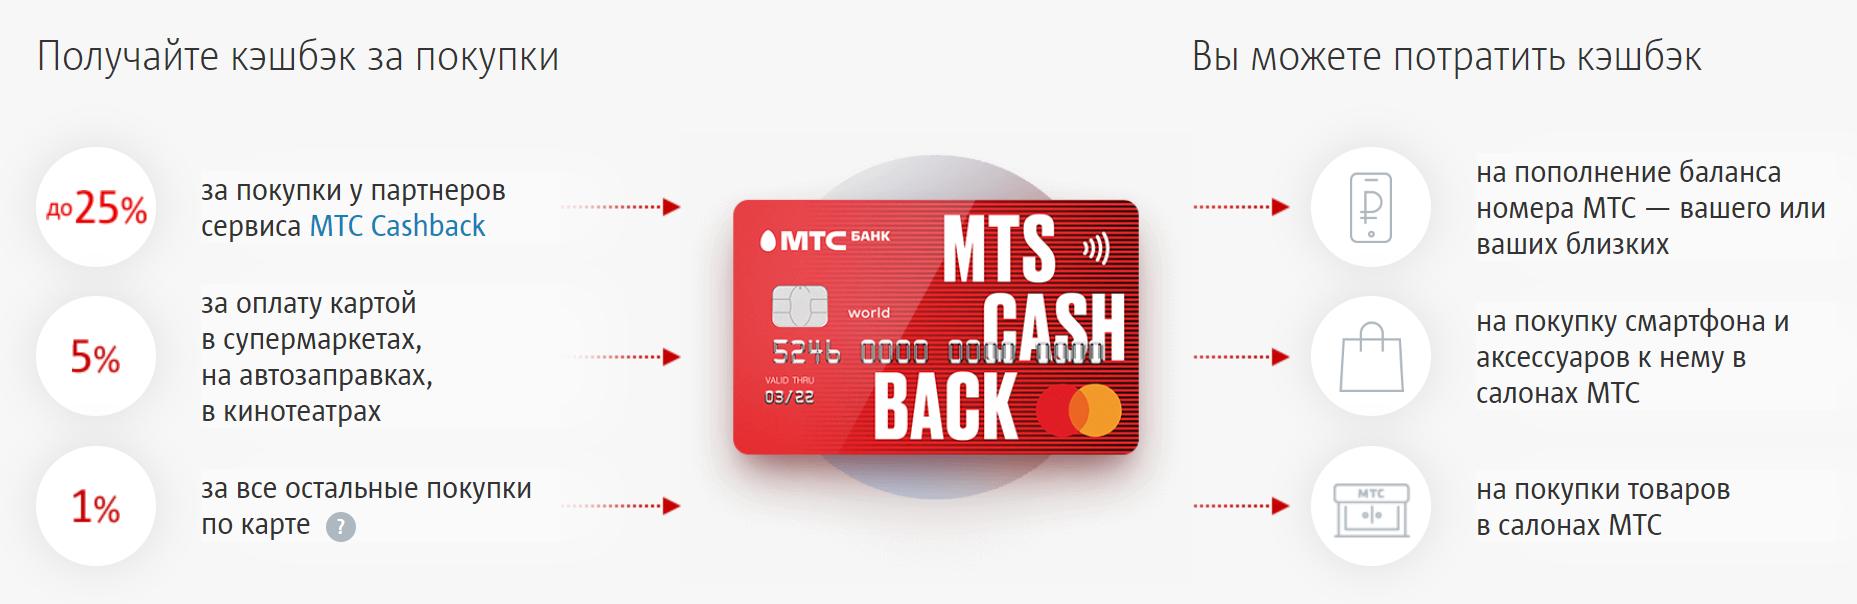 Кредитная карта mts cash back зазвенел королевской монеткой